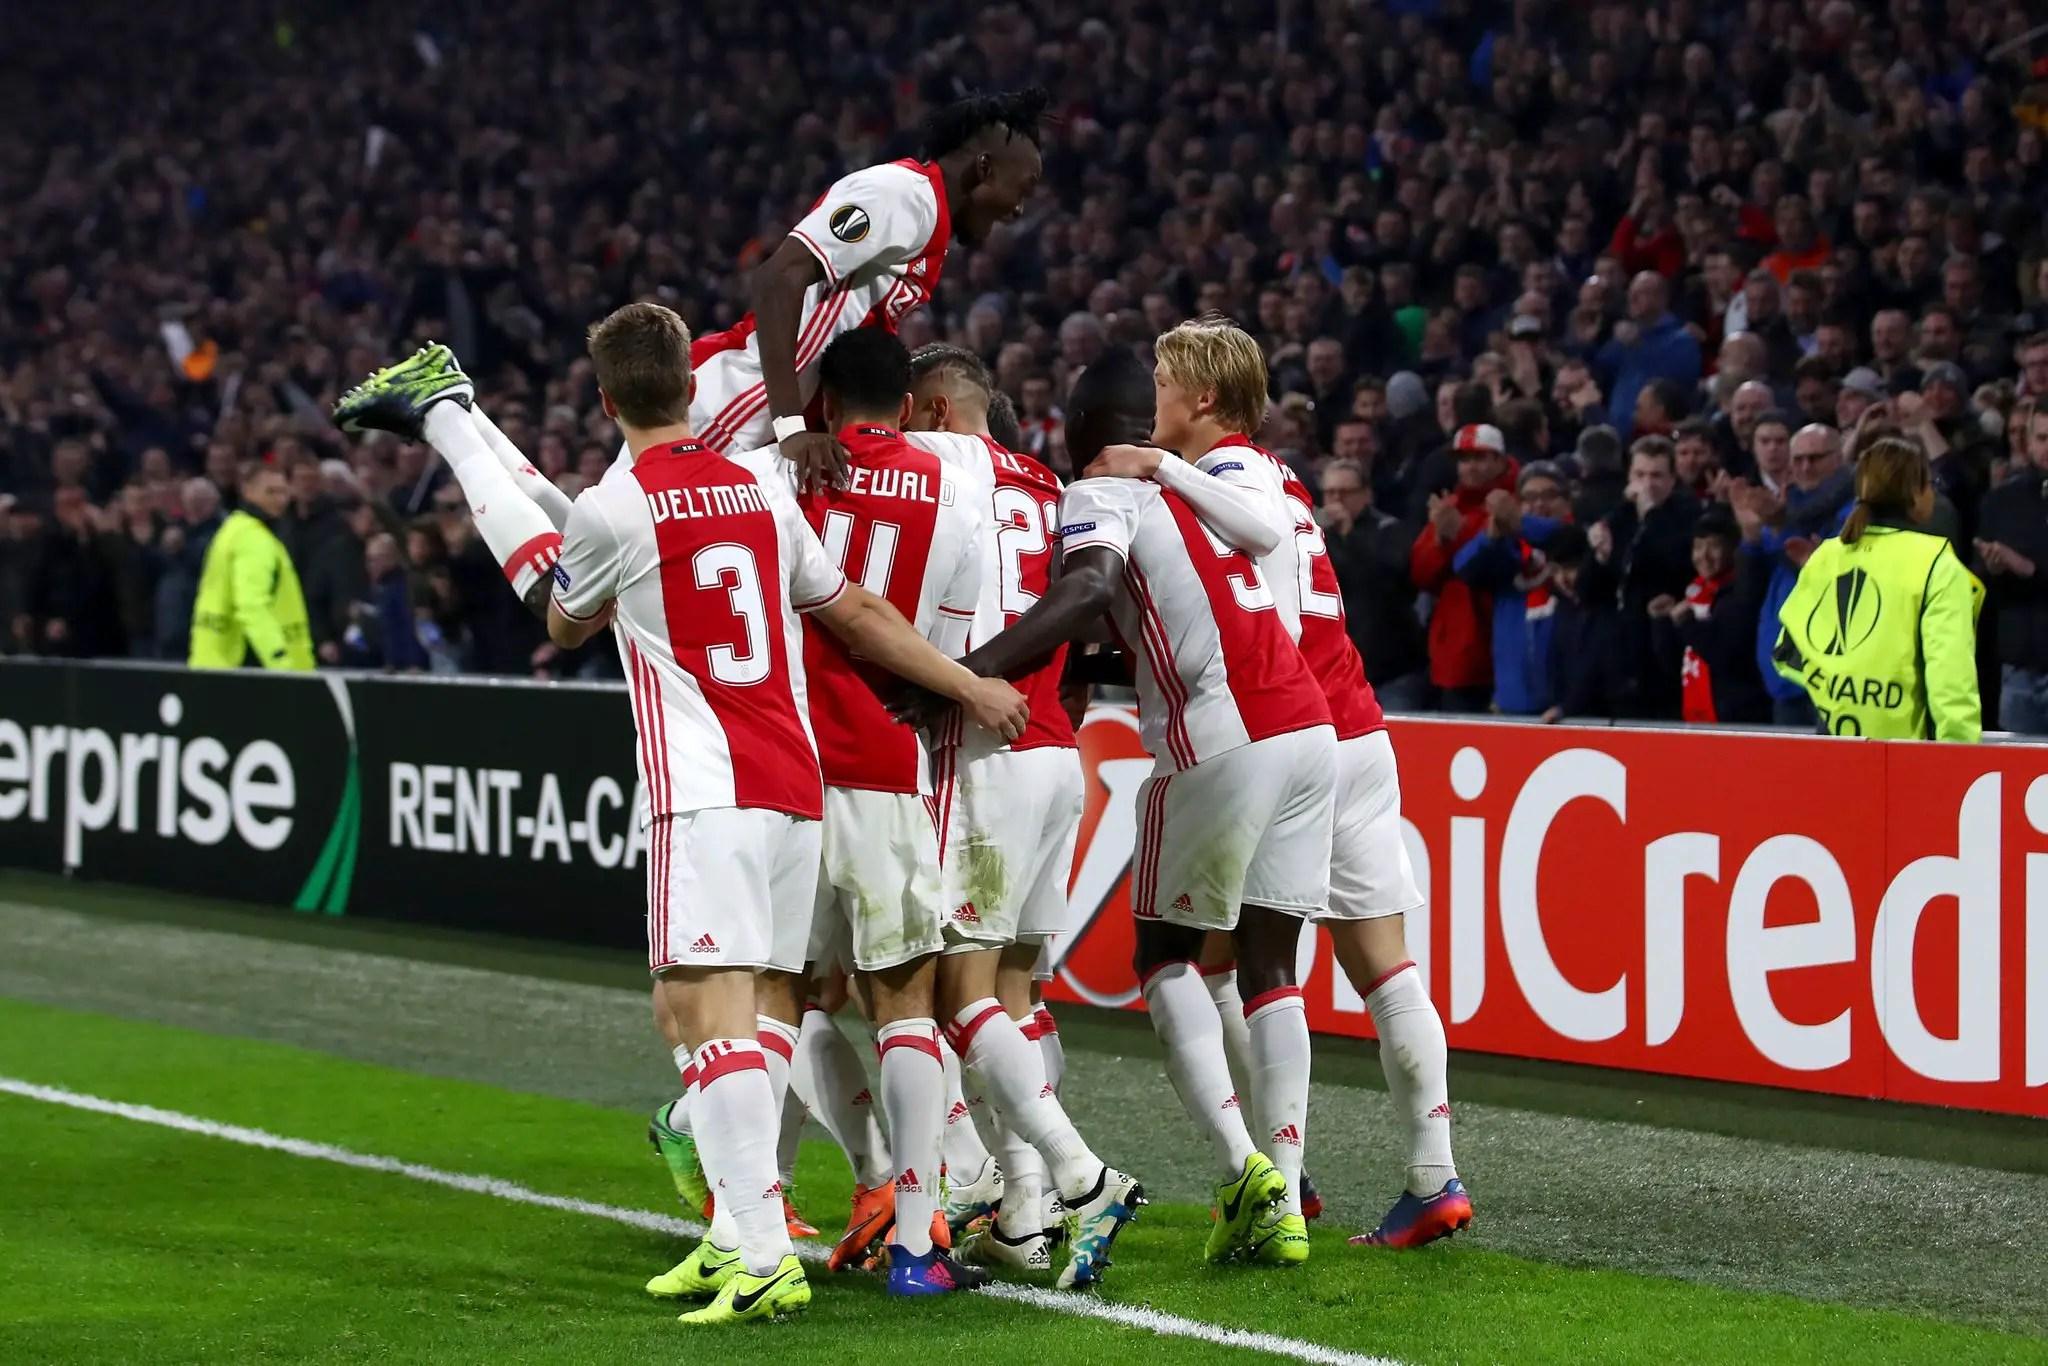 Europa: Nwakaeme, Cameroon's Abubakar Score As Hapoel Crash; Ajax, Roma Advance